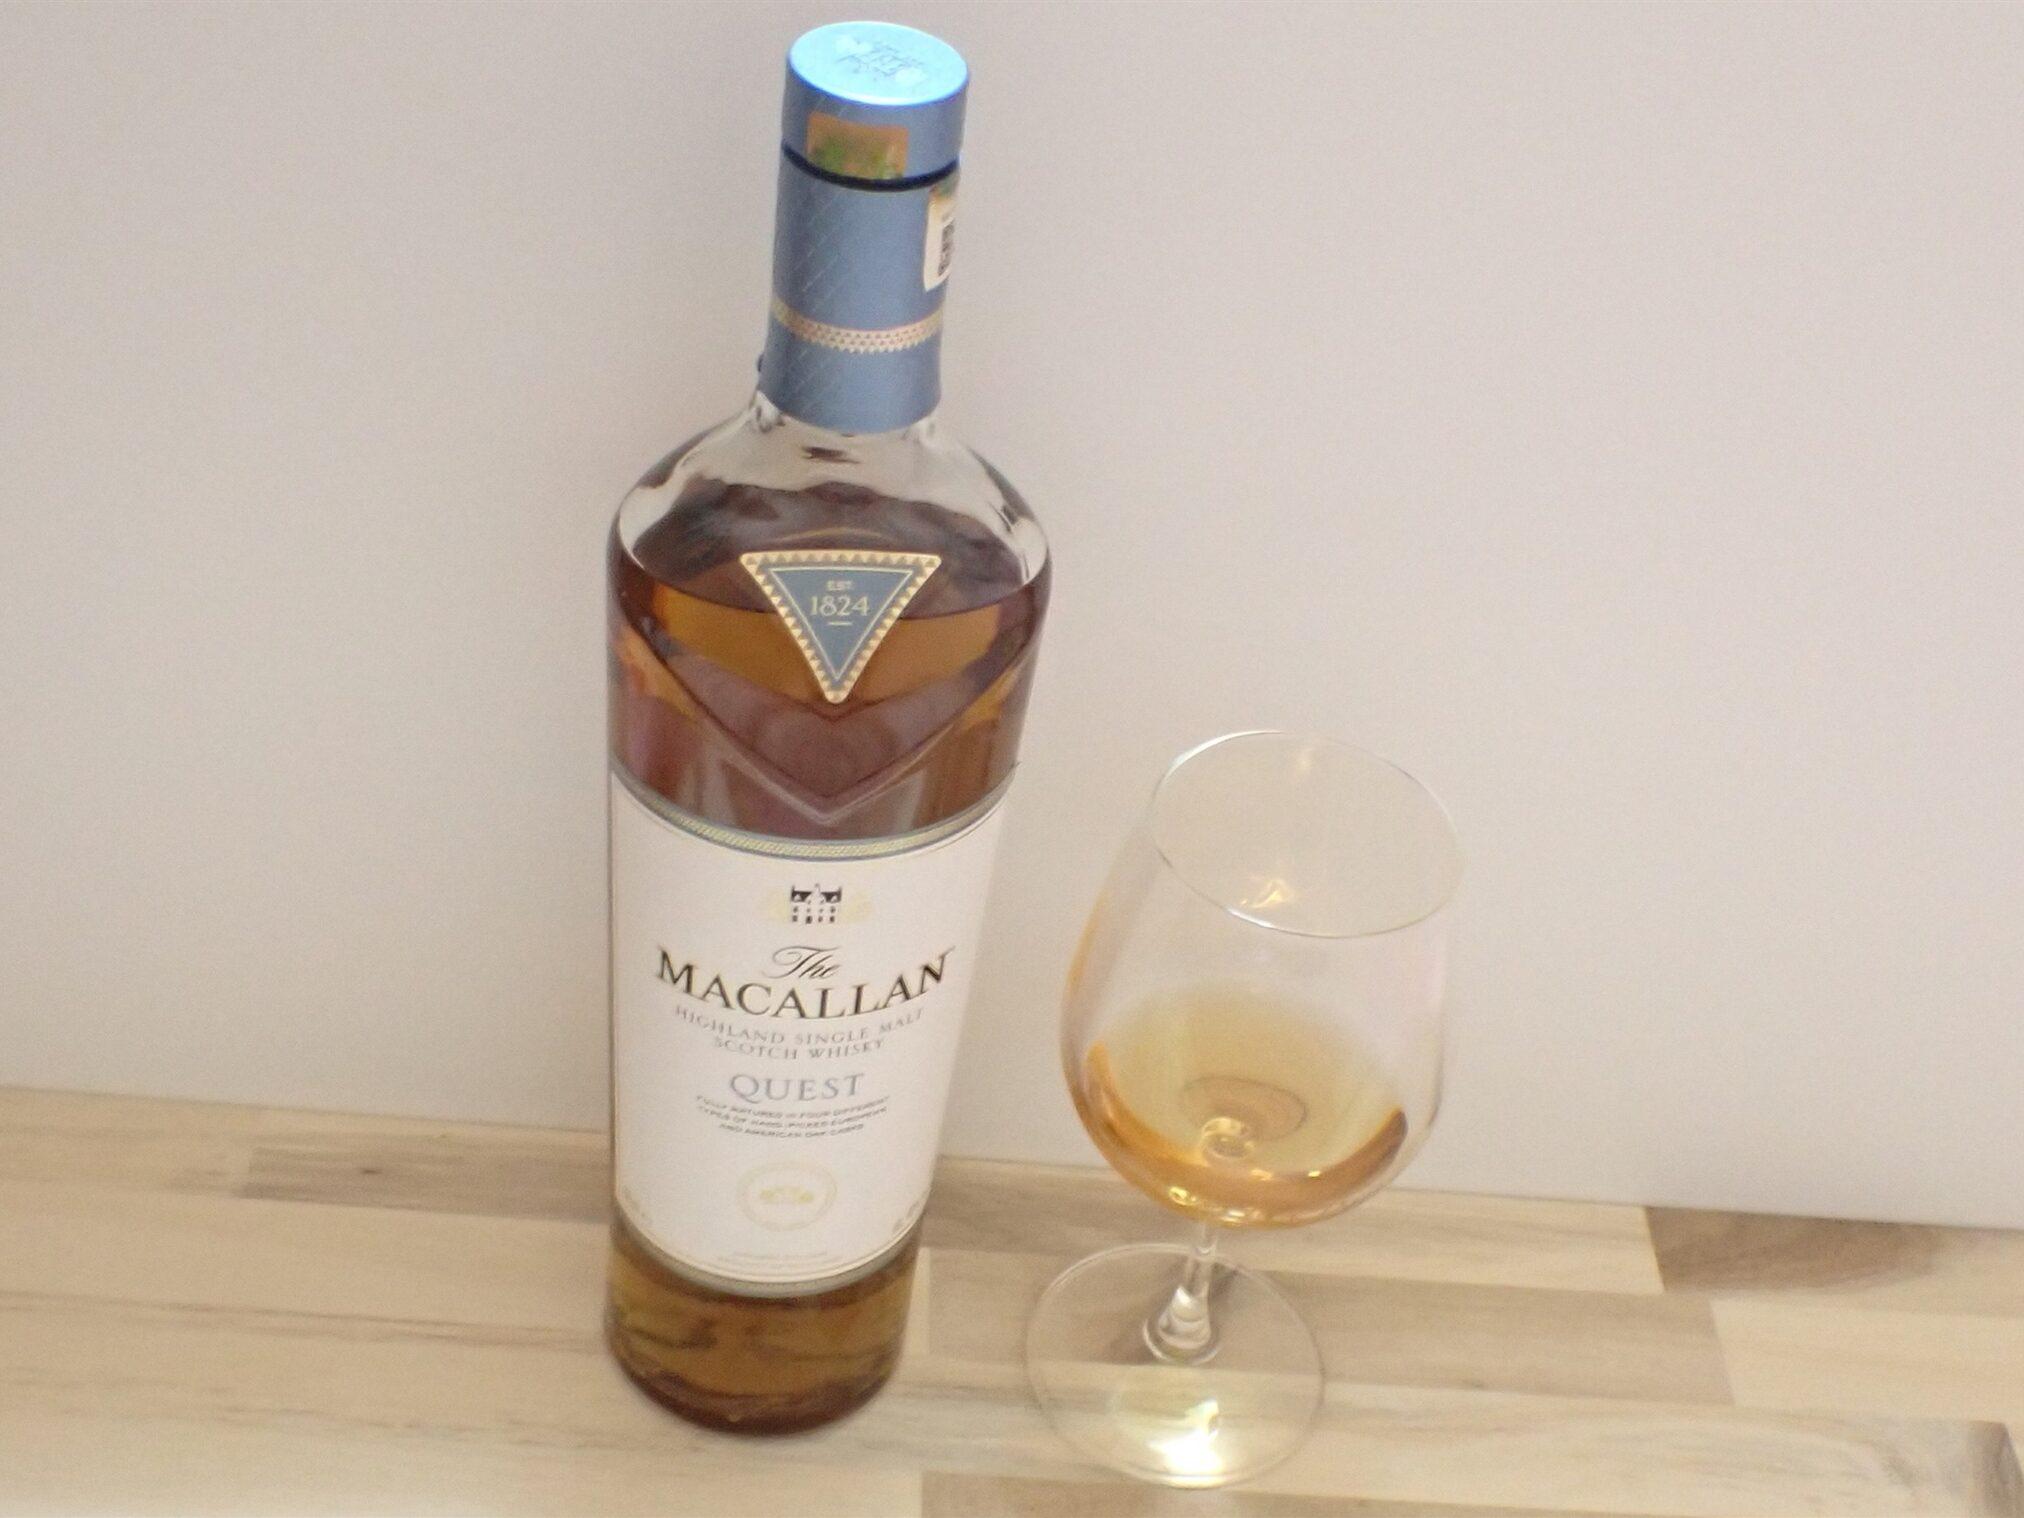 高級ウイスキー ザ マッカラン クエスト 700mlを購入して飲んでみた感想